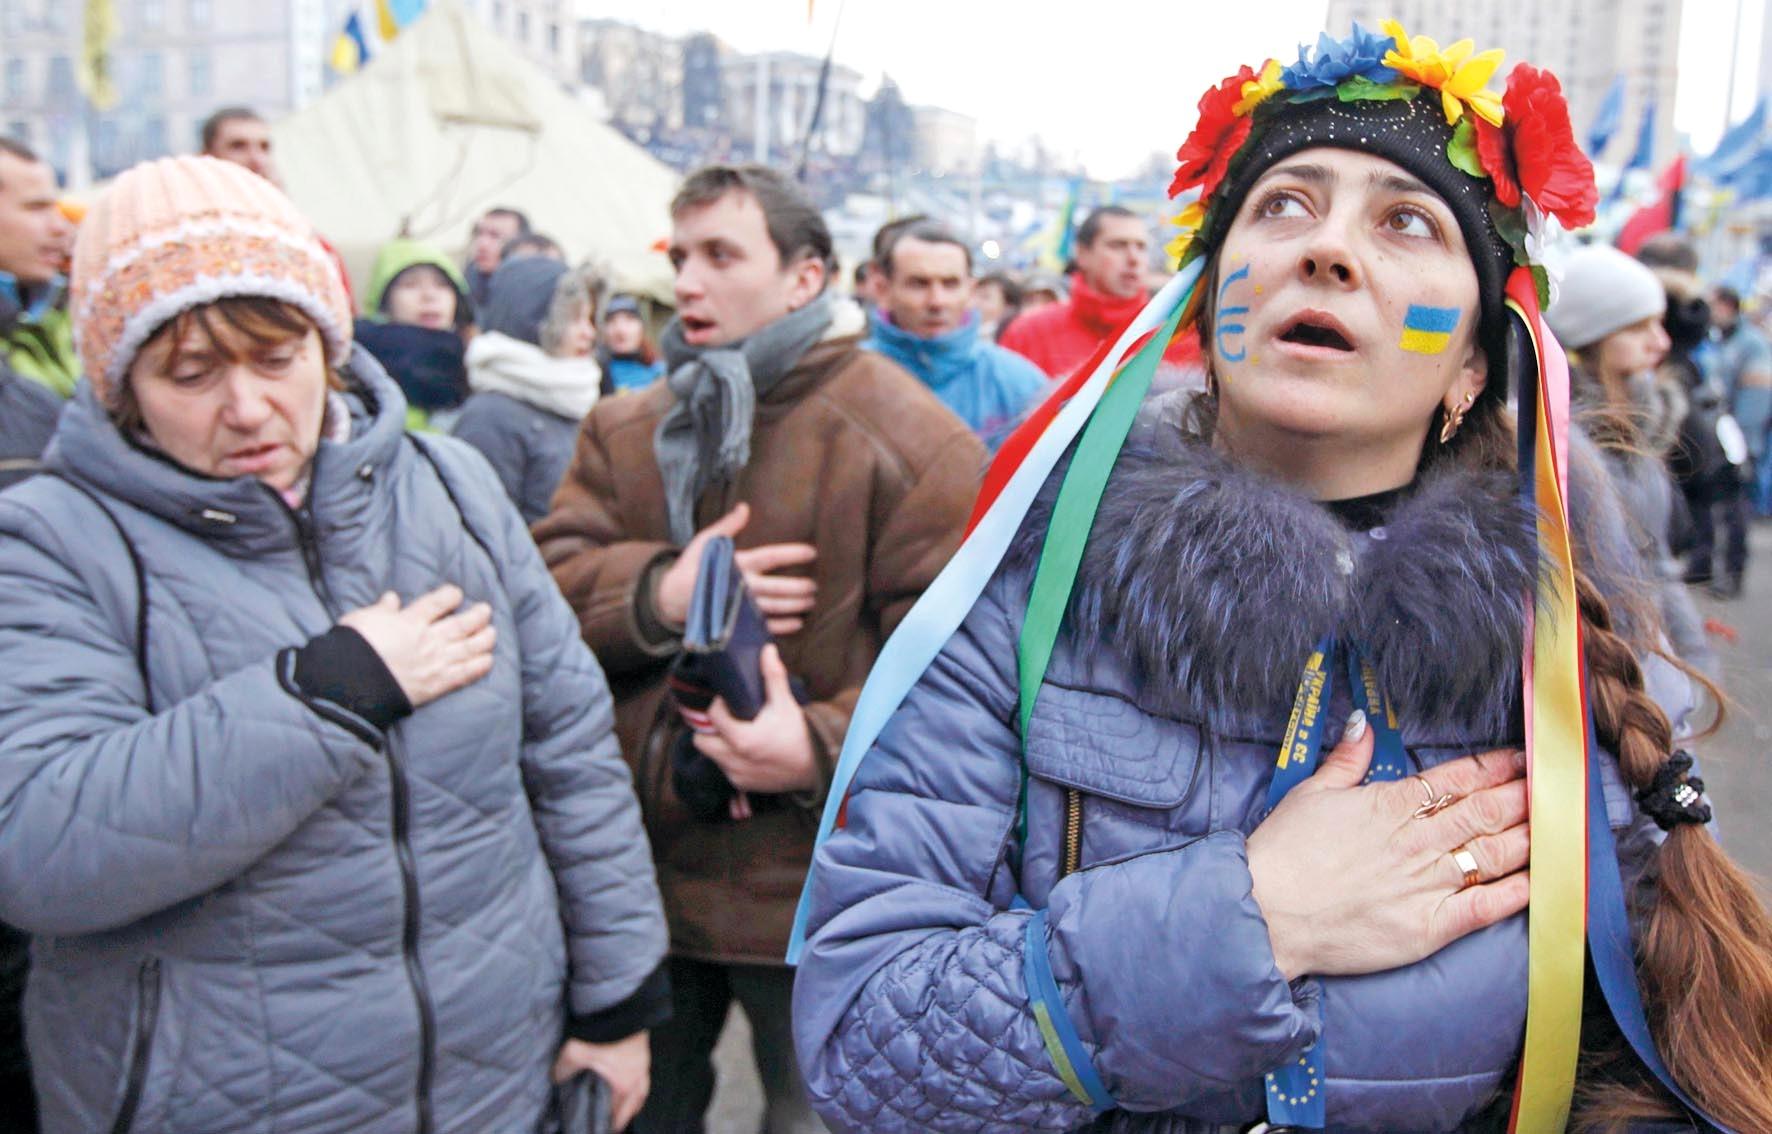 Поющую в Киеве гимн России девушку избили разъяренные украинцы Гимн России,Киев,Националисты,Политика,Украина,Украинцы